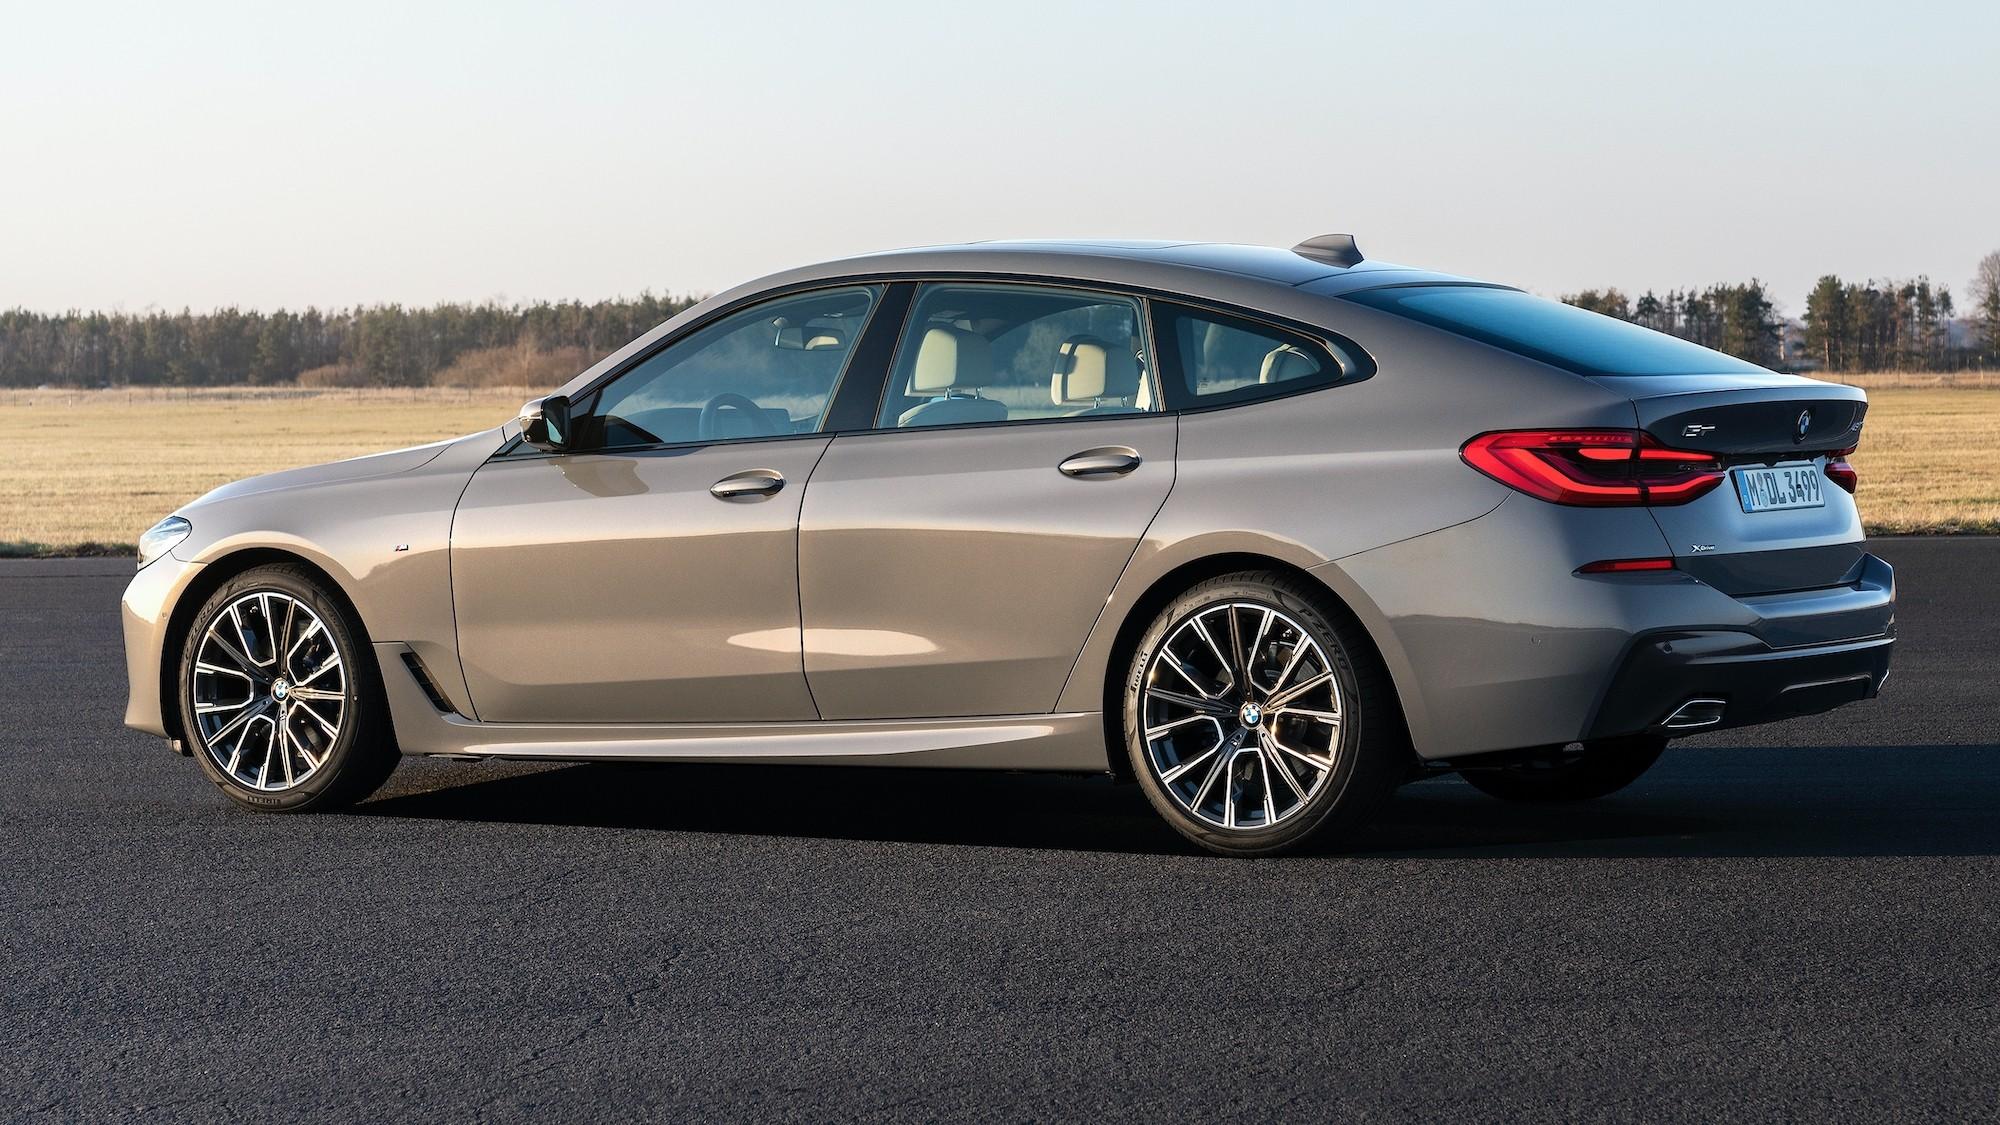 Обновлённая BMW 6 Series GT: купеобразный лифтбек не стали подключать к розетке